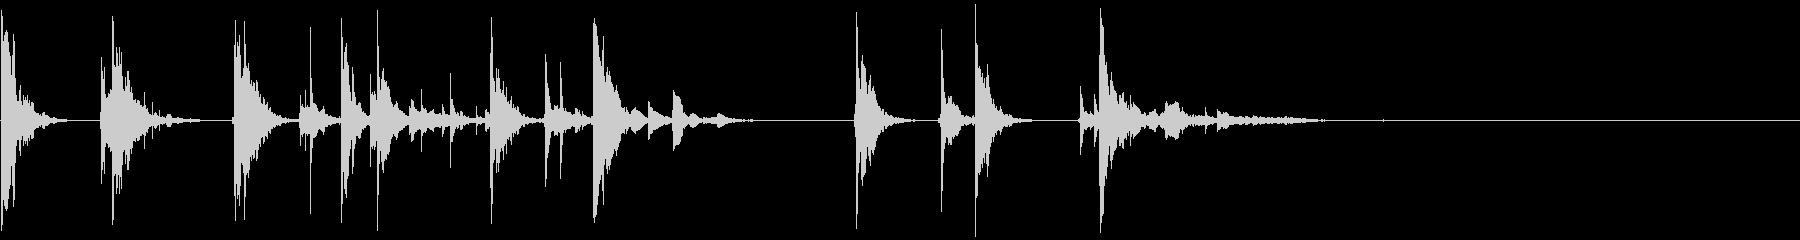 いくつかの7.62 X 51 MM...の未再生の波形